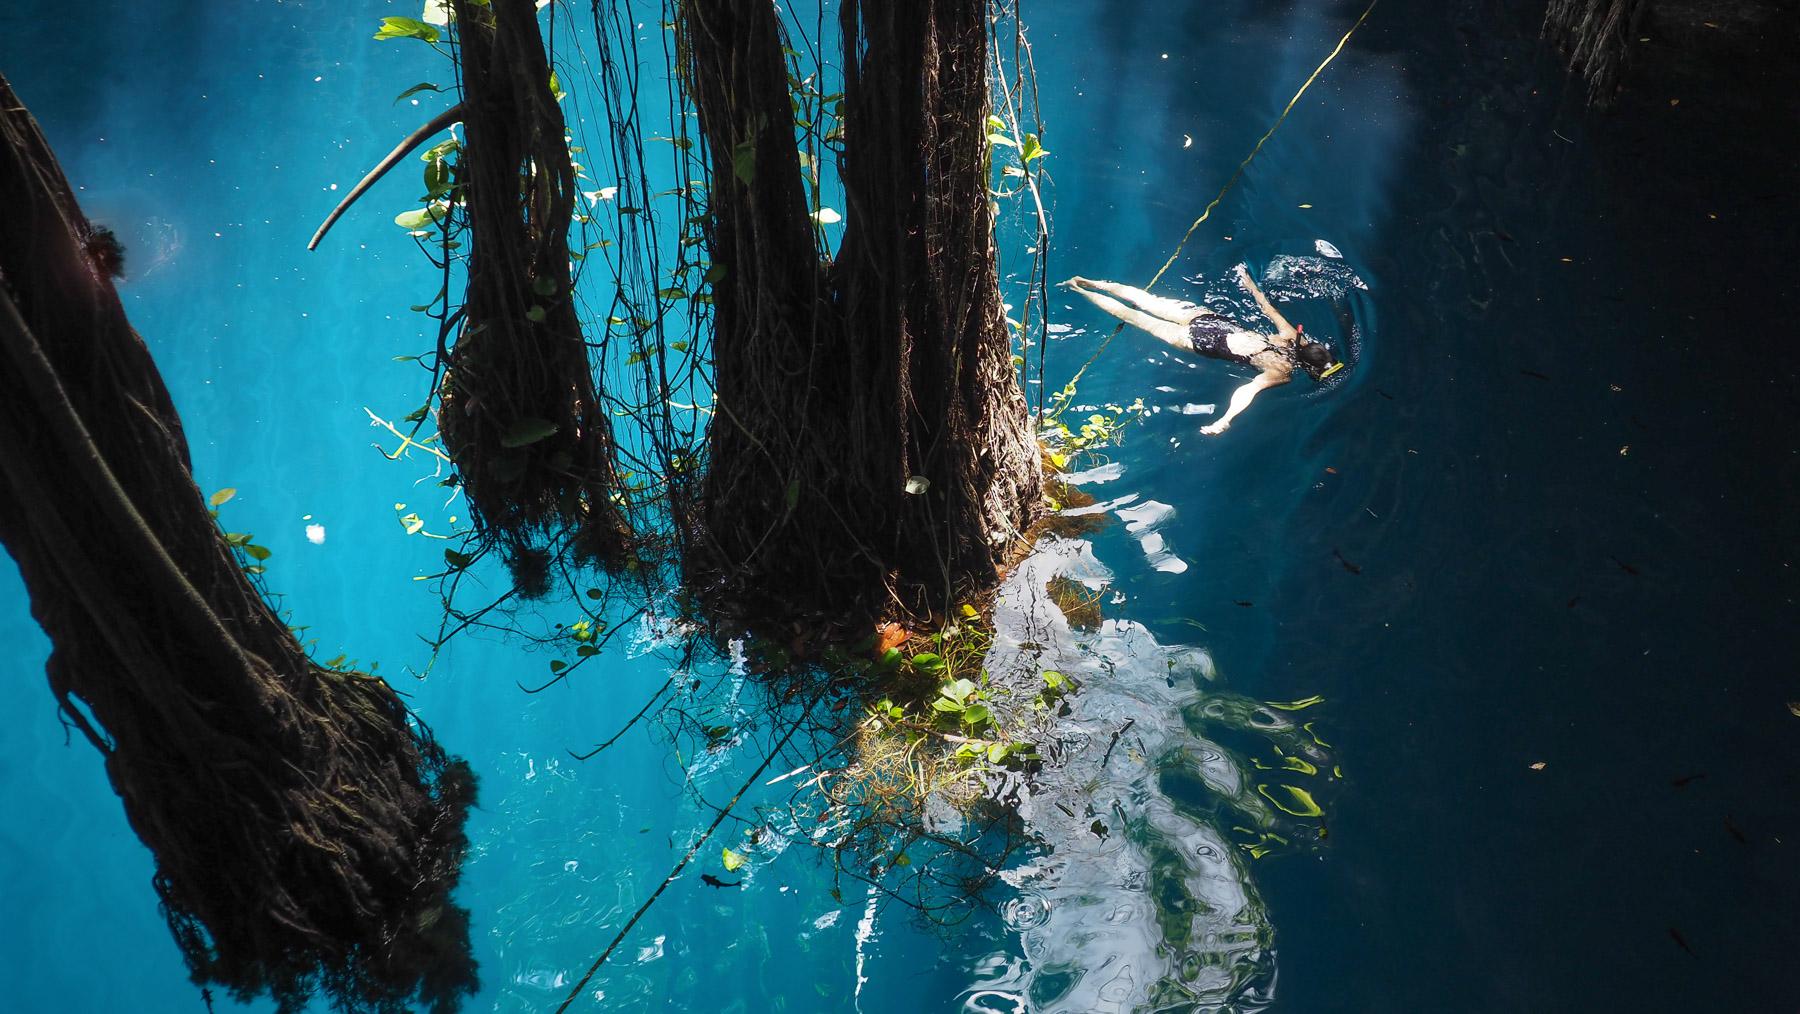 Schwimmen in einer anderen Welt